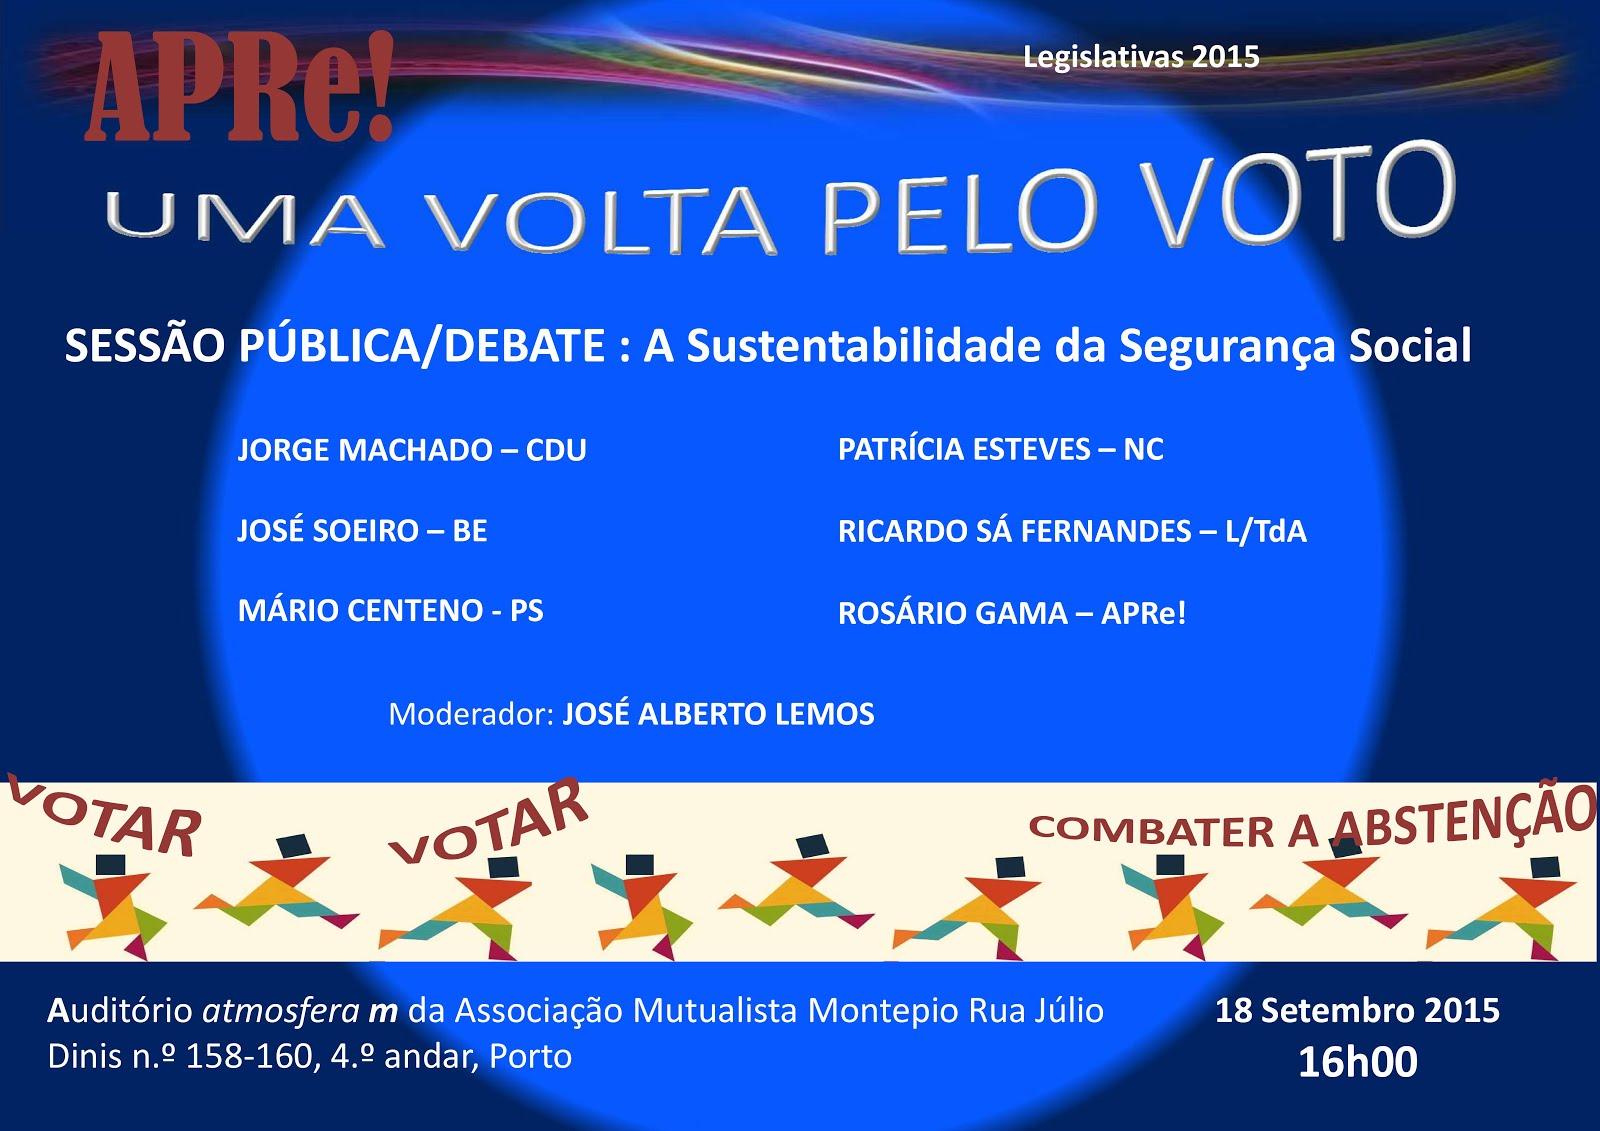 Uma volta pelo VOTO, sessão pública de esclarecimento promovida pela APRe! no Porto